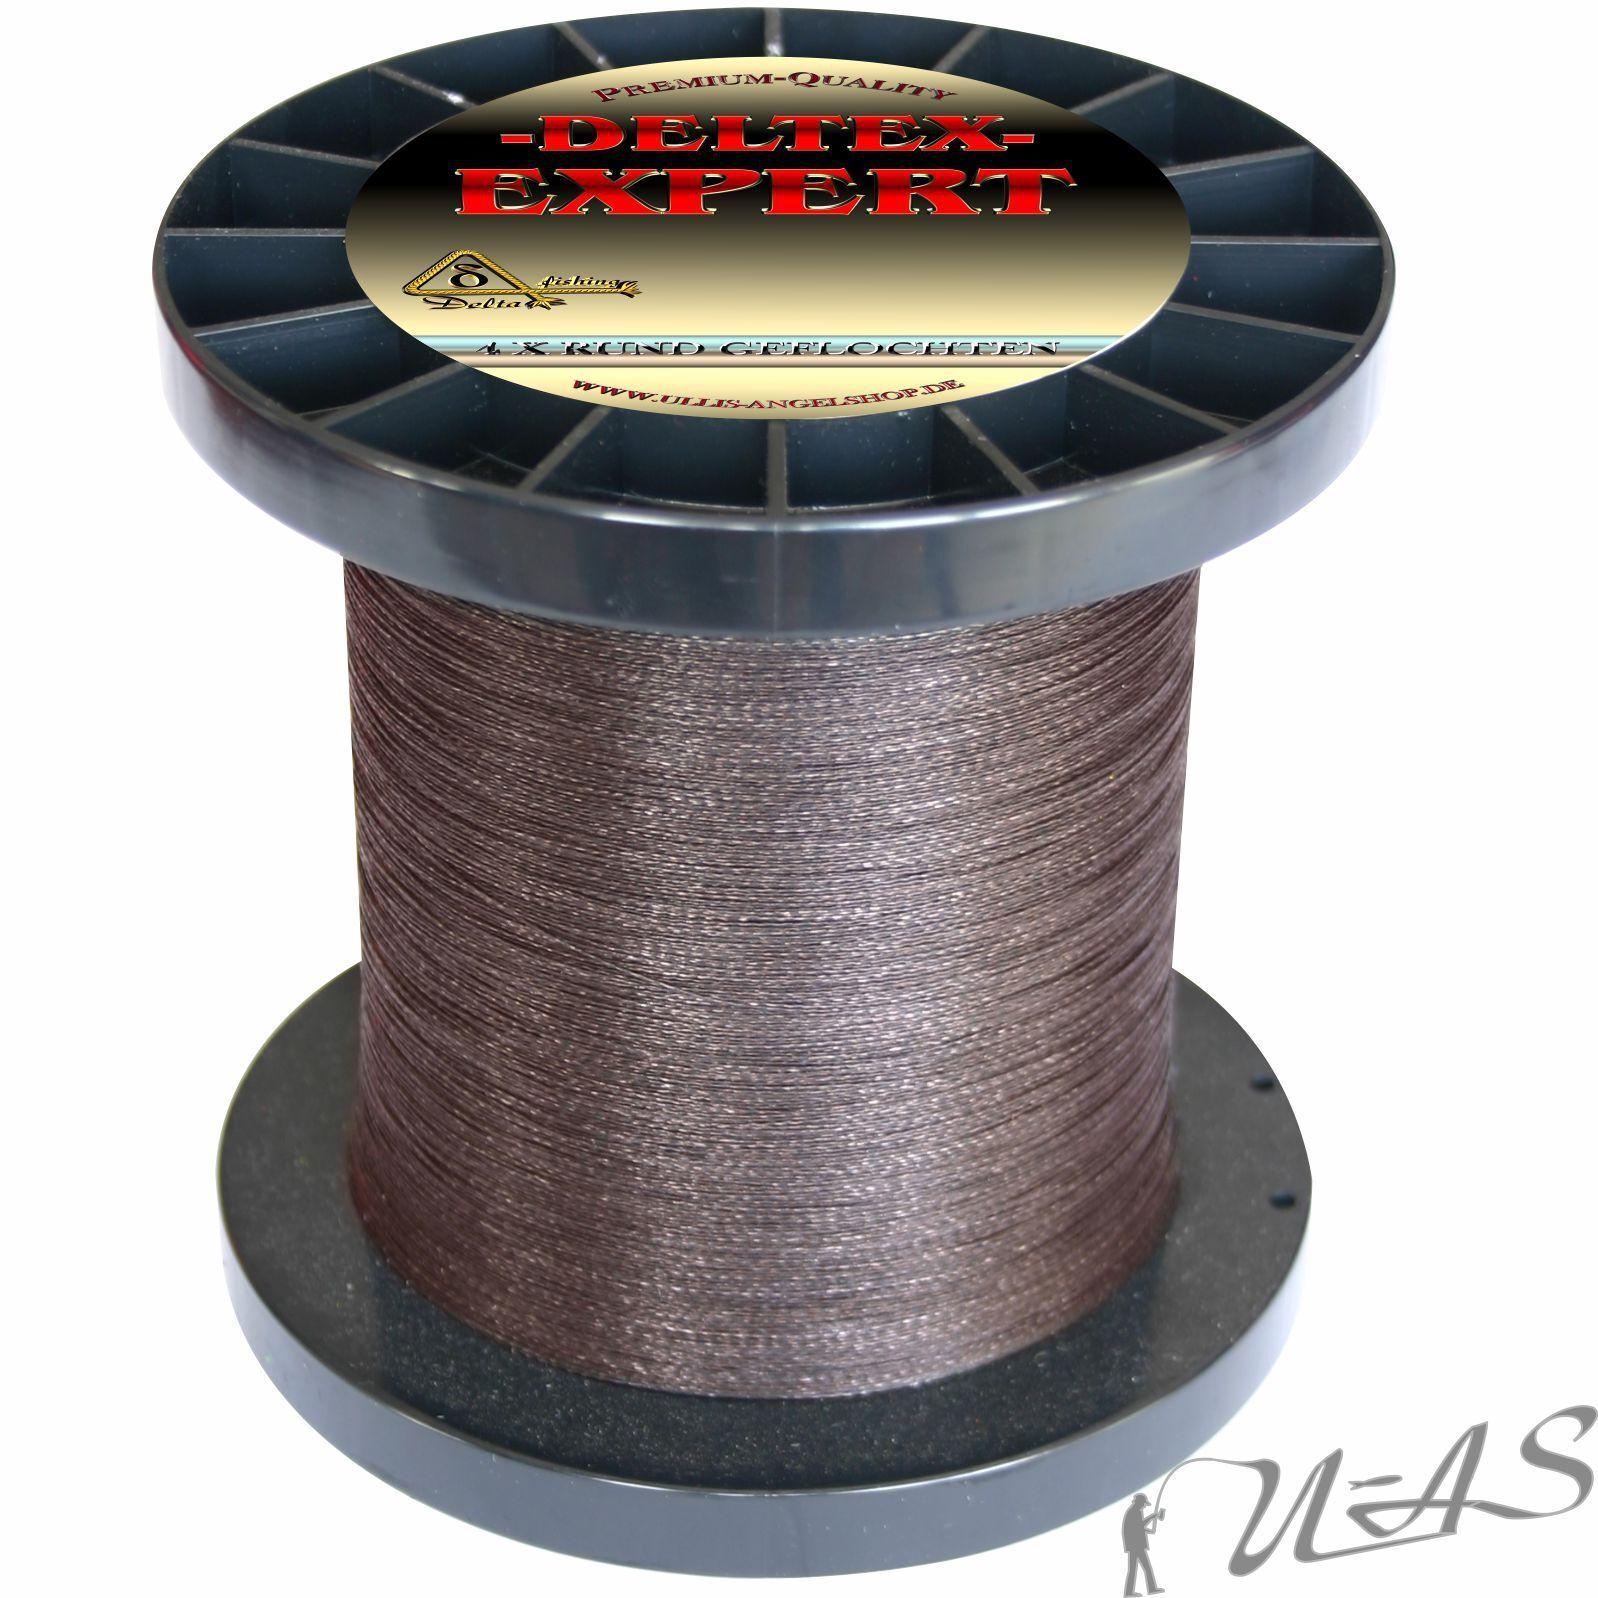 Deltex Deltex Deltex Expert circa intrecciato Dyneema lenza 0,18mm 1000m Marrone KVA 0eca0d